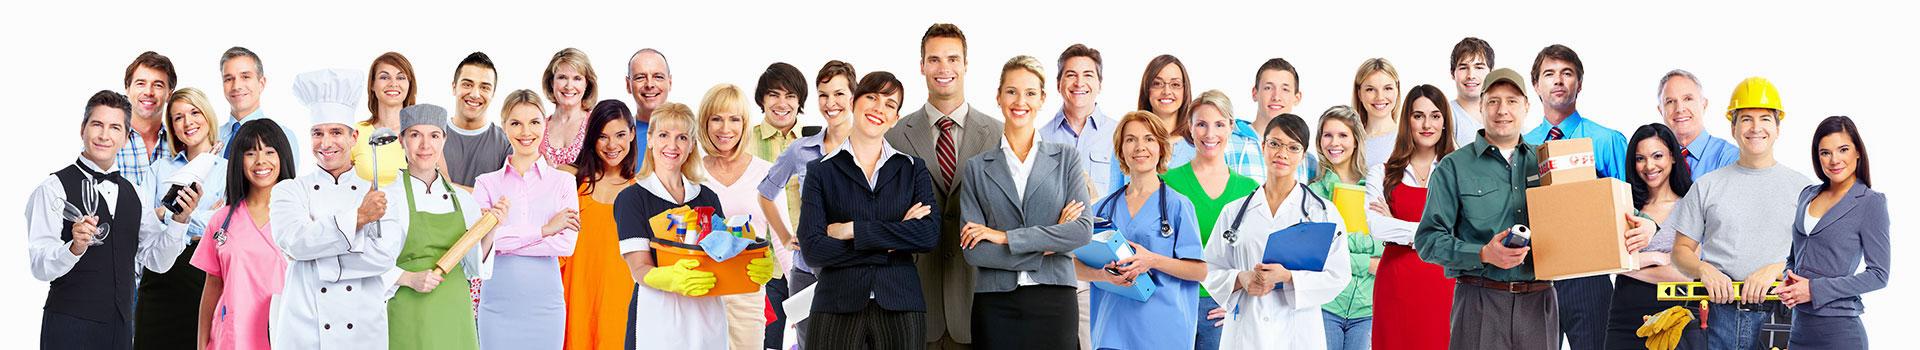 Trabalhadores de Várias Profissões